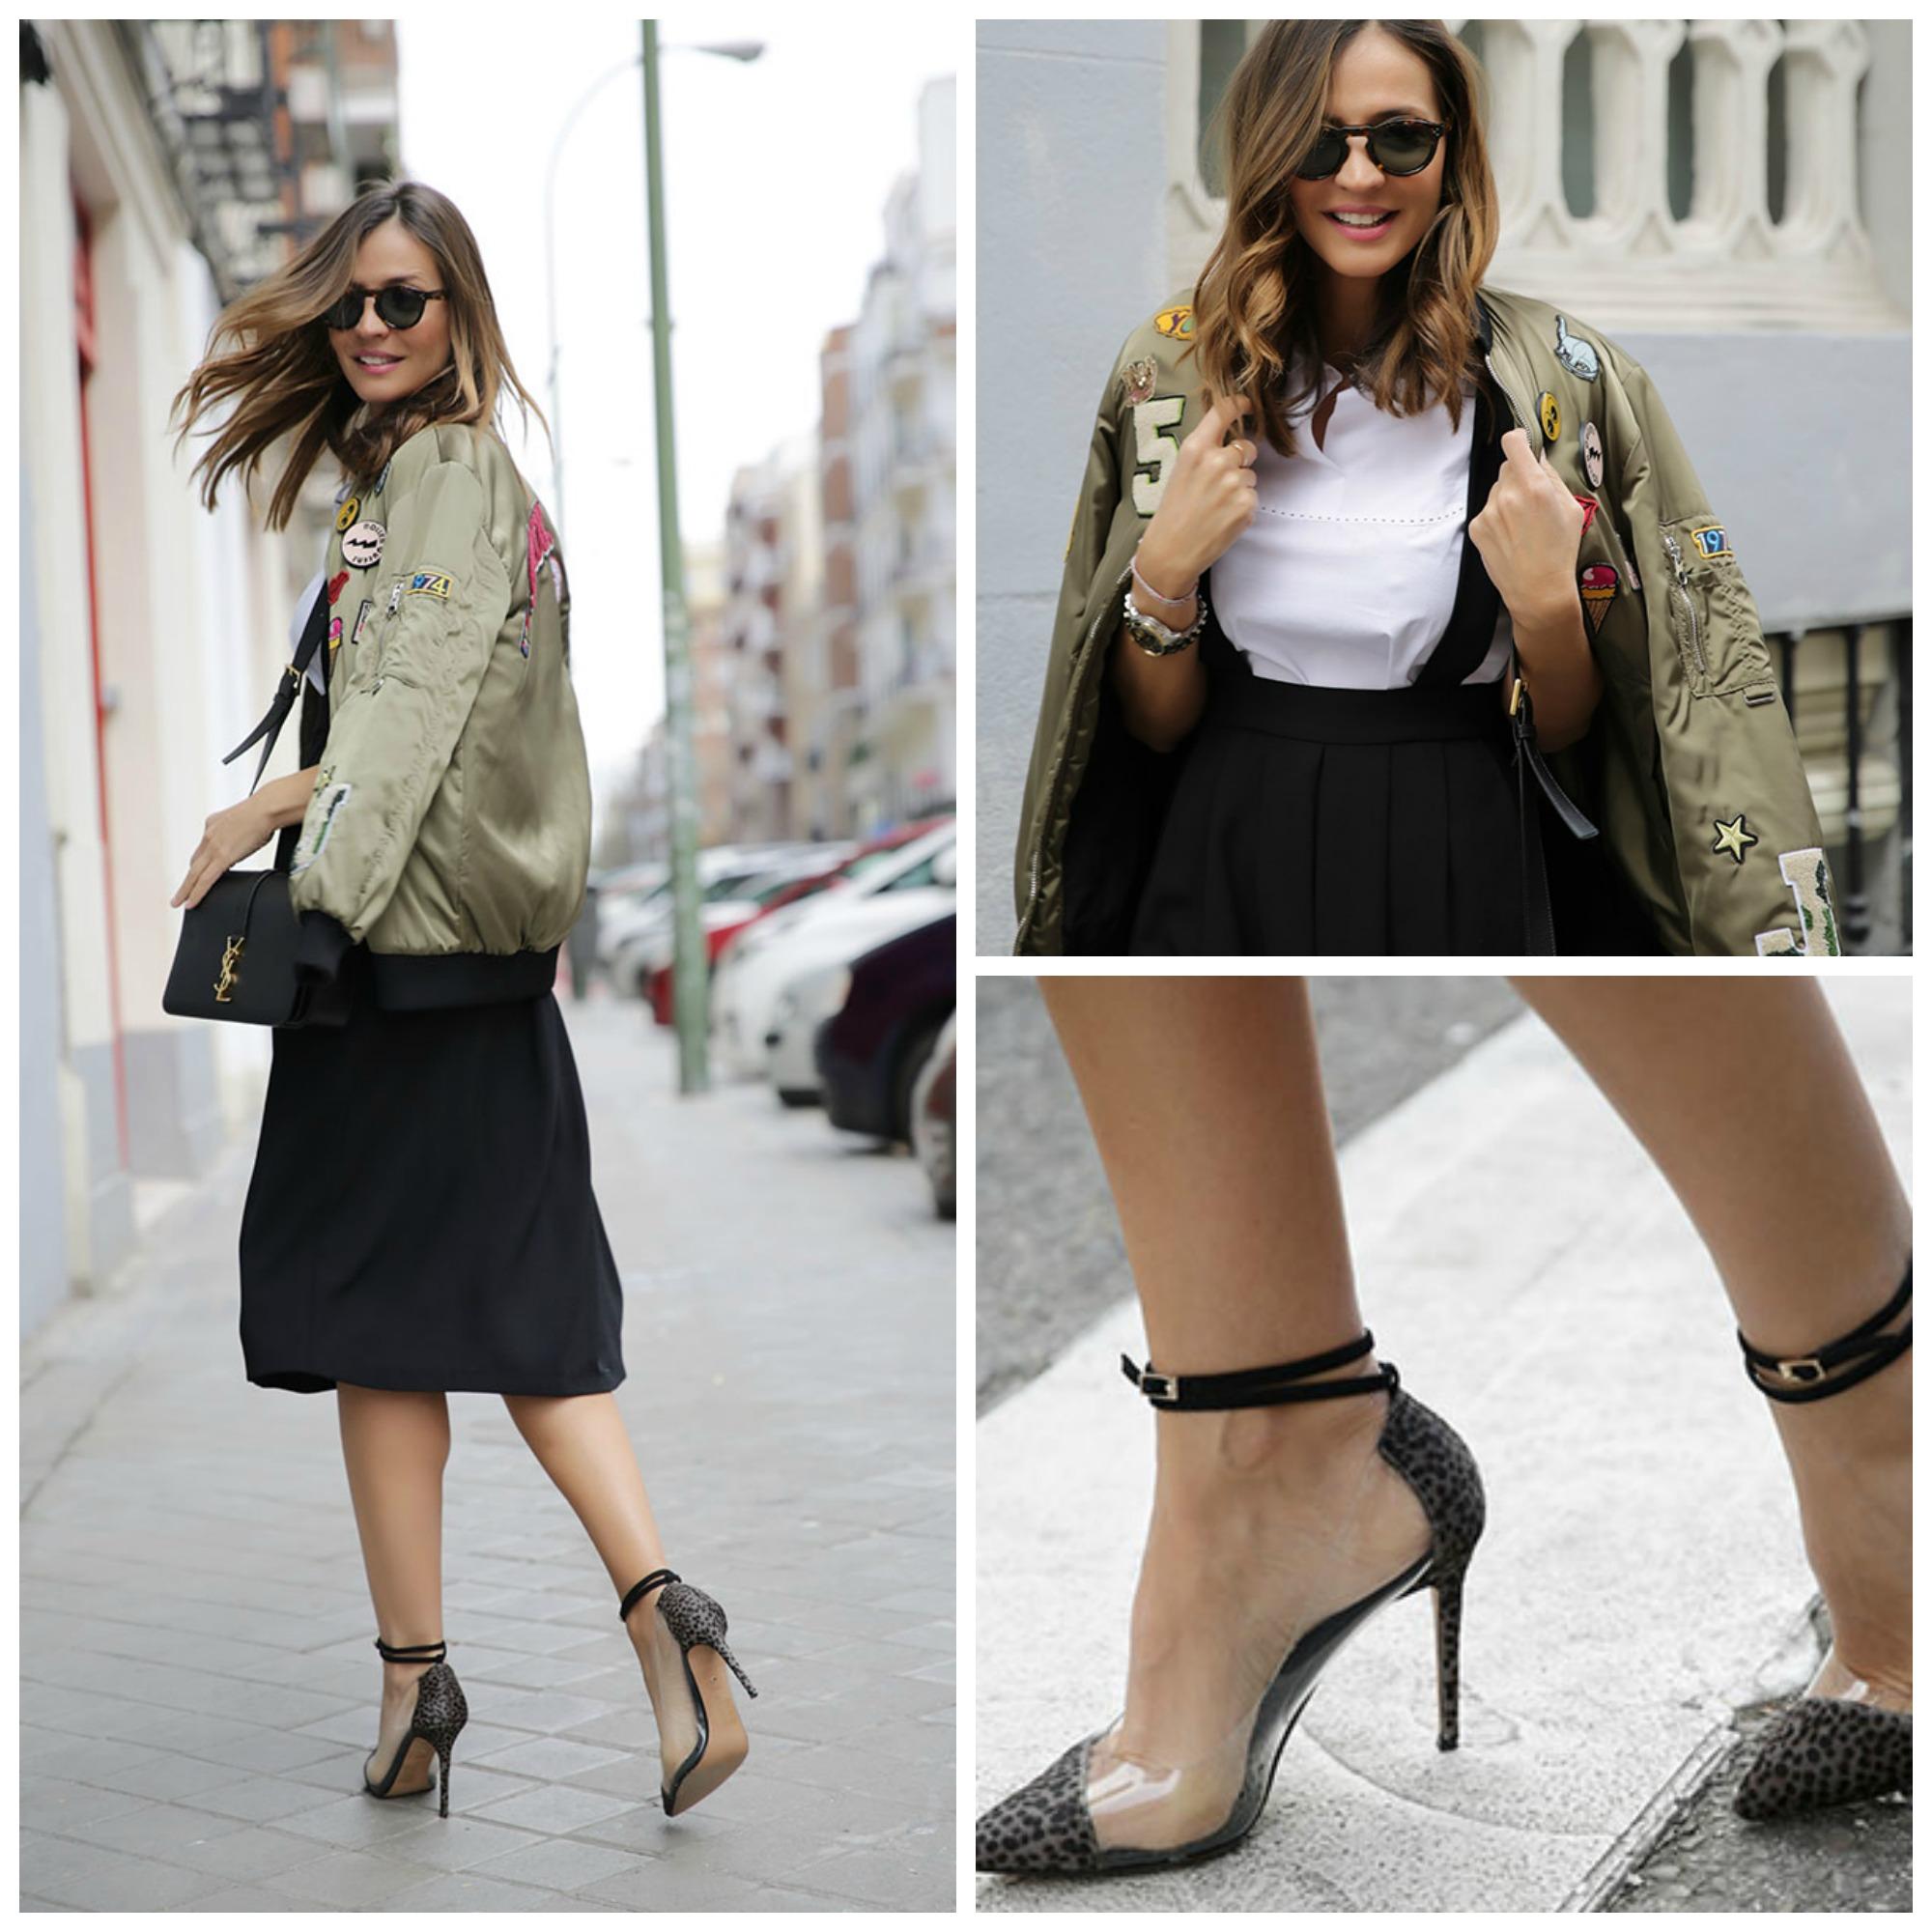 midi-skirt-in-winters-with-pump-heels